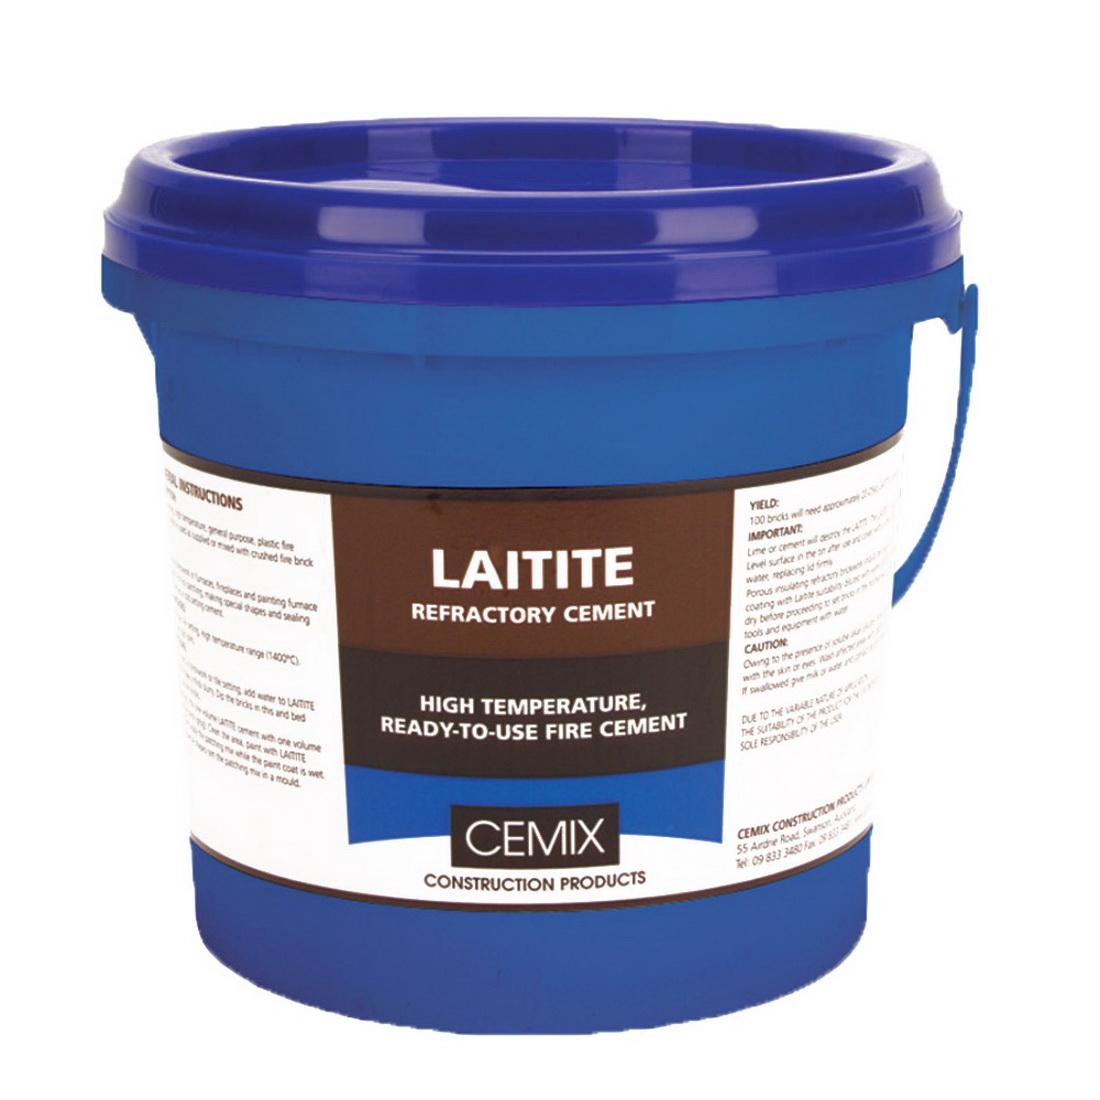 Cemix Laitite Fire Place Cement 7kg 20948